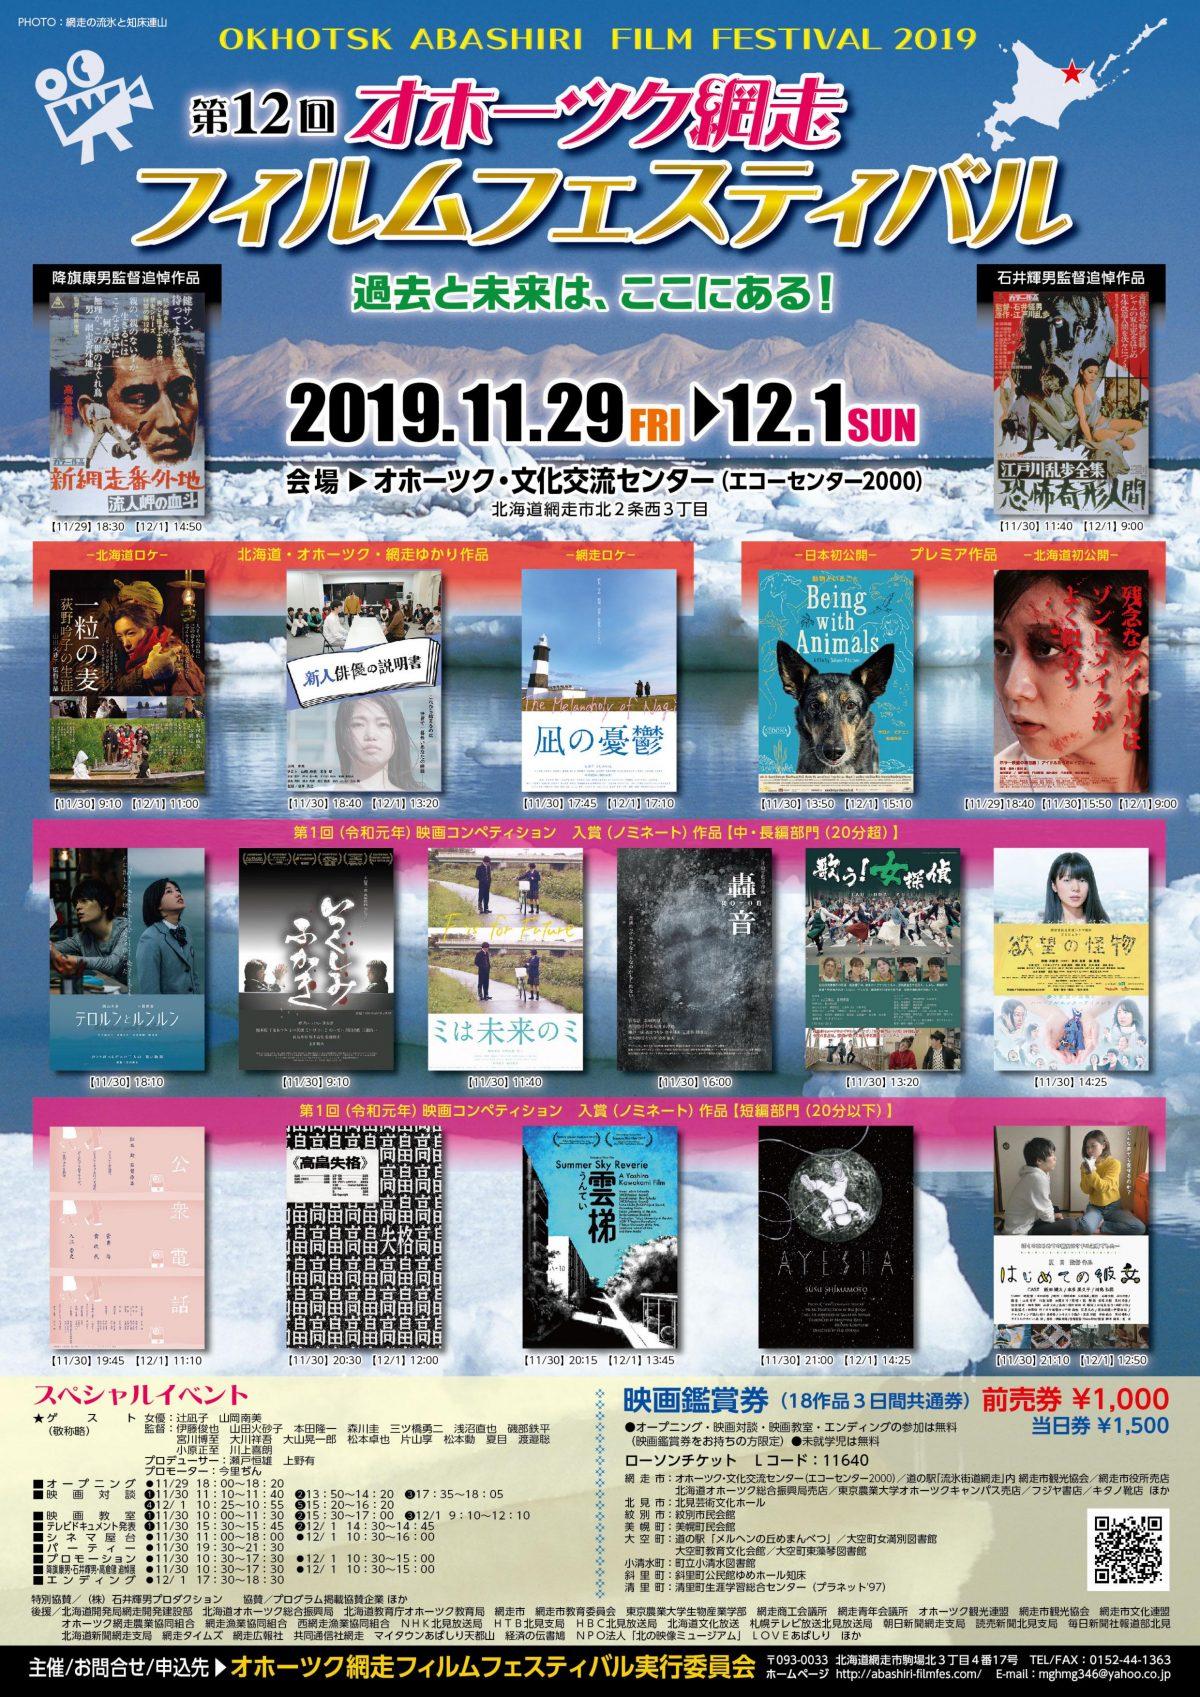 第12回オホーツク網走フィルムフェスティバル(網走映画祭)